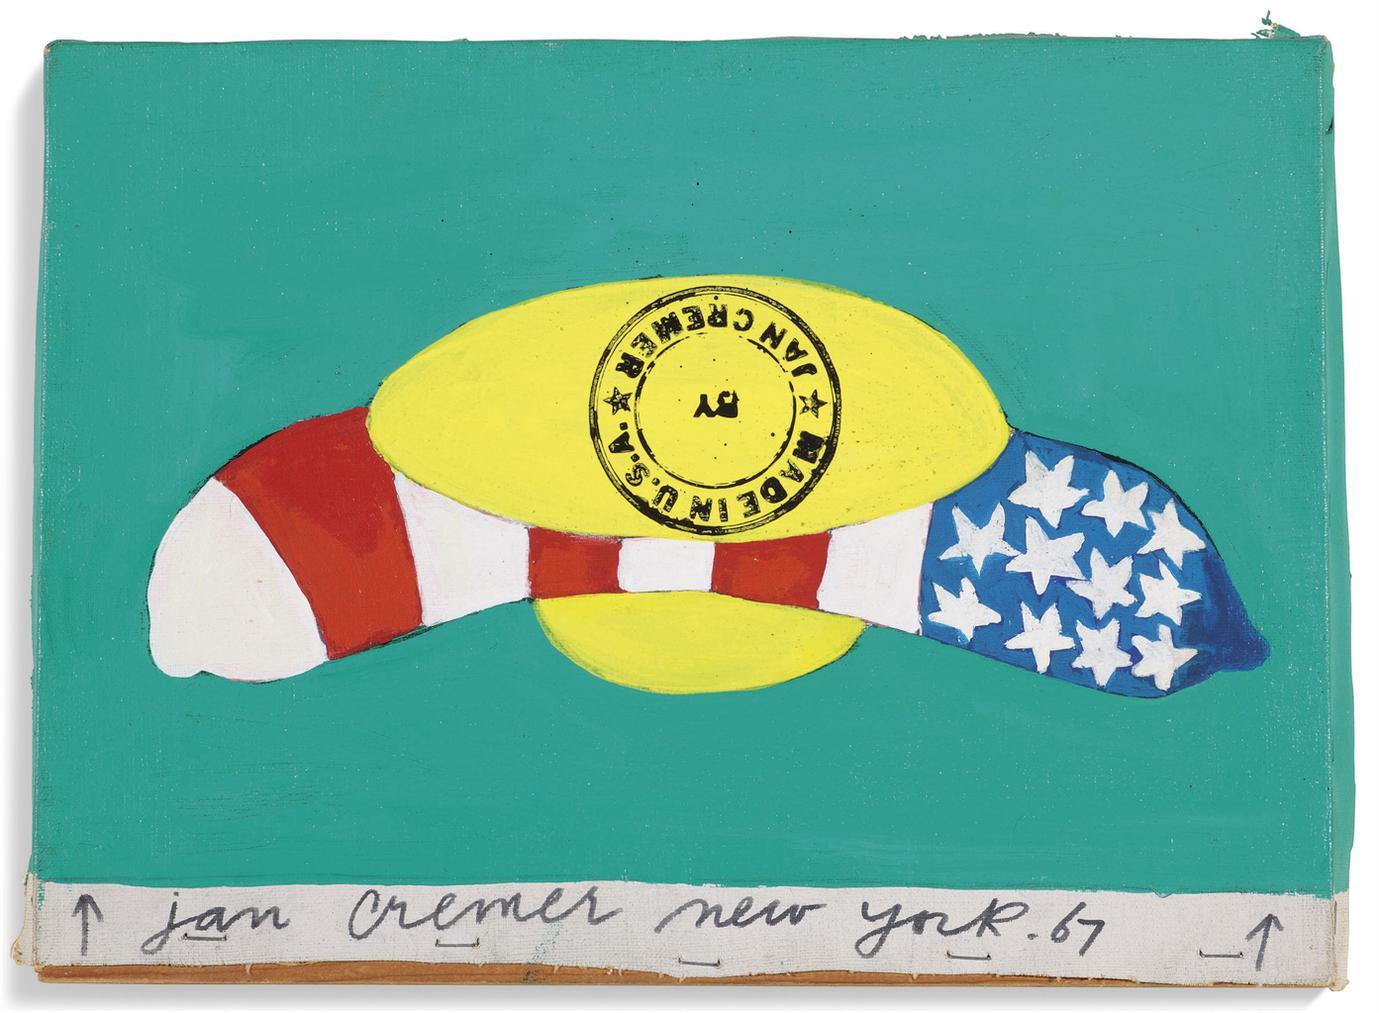 Jan Cremer-Hot Dog Usa #8-1967